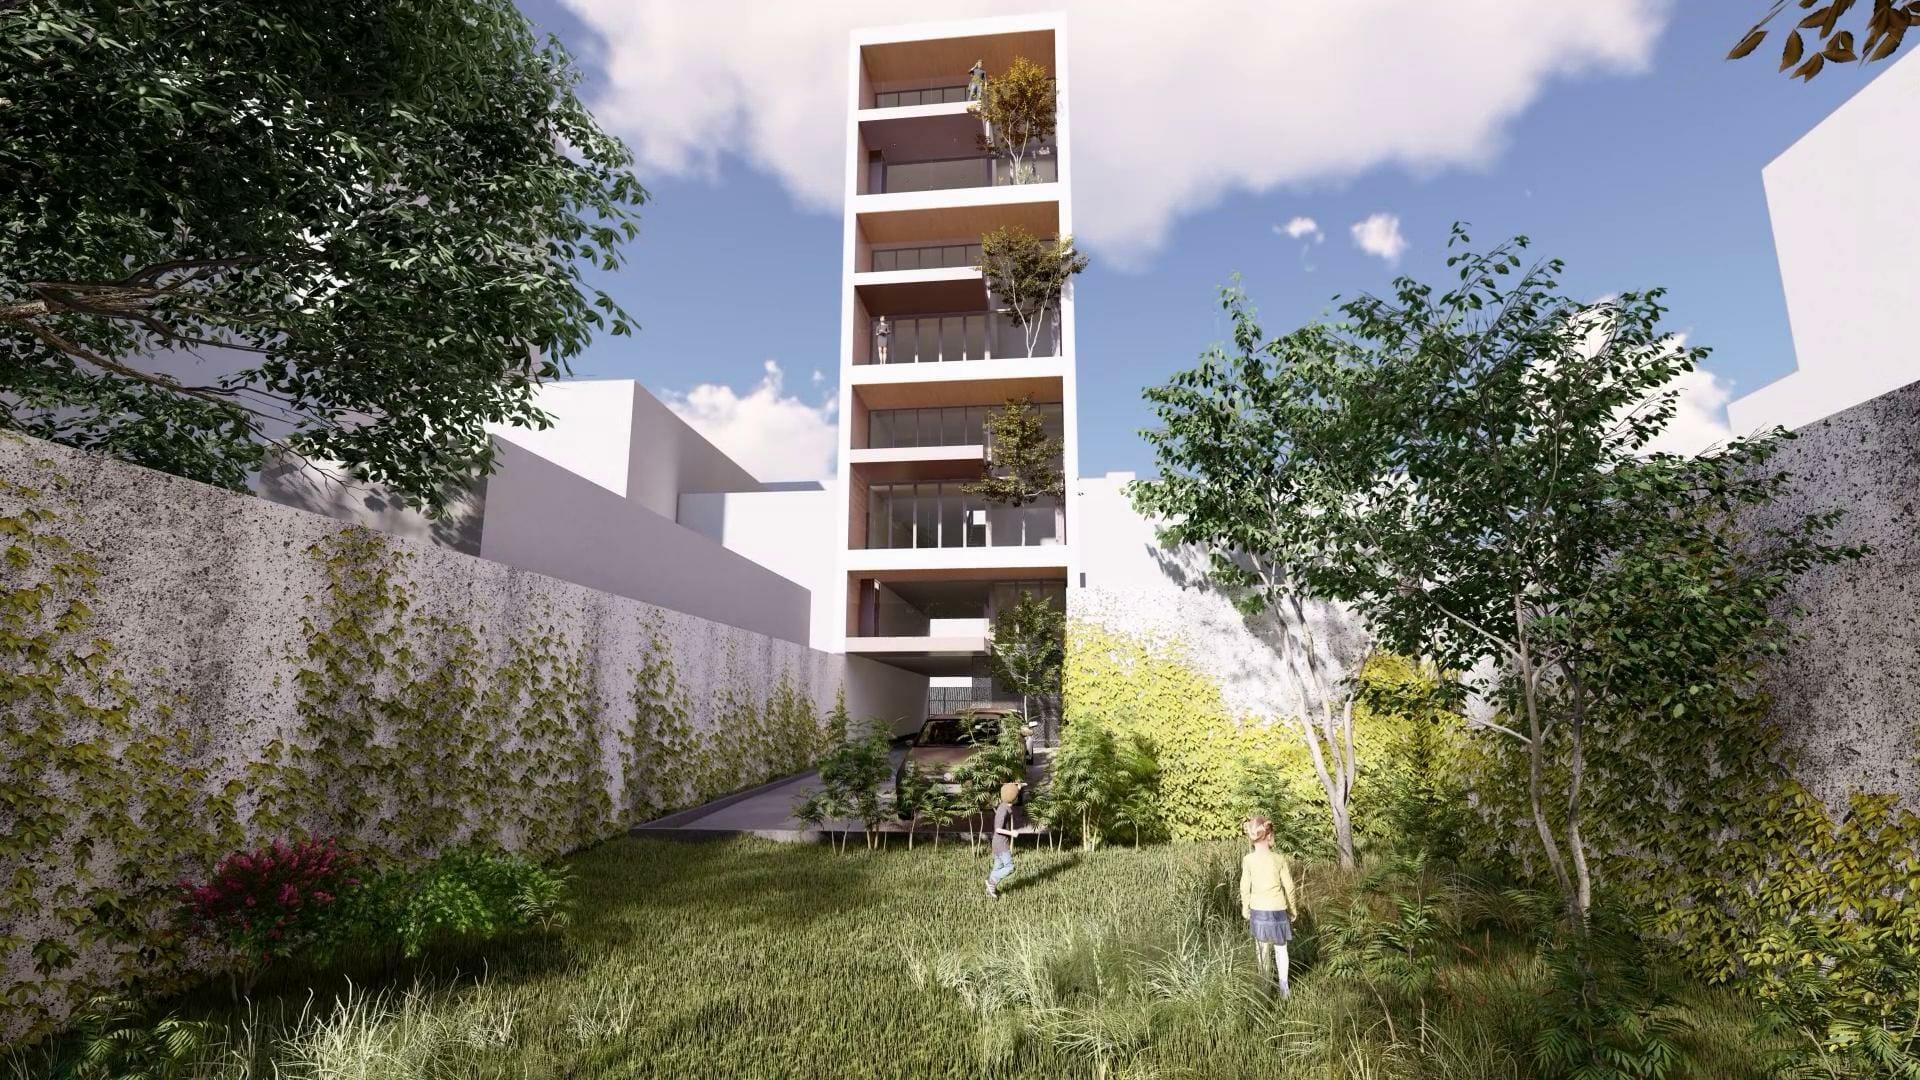 Urbanhouse360-Immeuble-jardin2